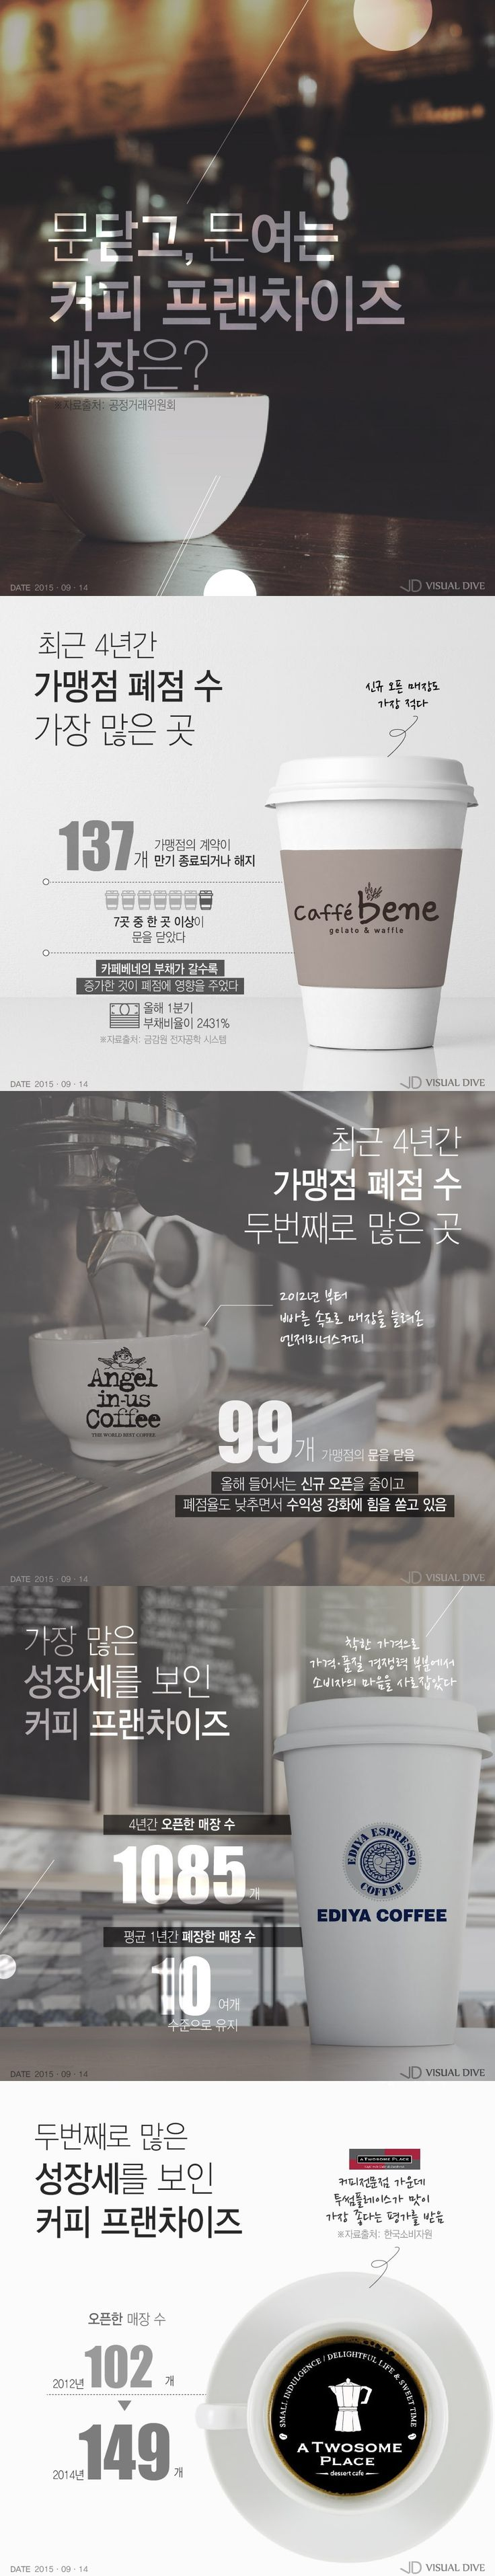 커피 프랜차이즈 중 가맹점 폐업이 가장 많은 곳은? [인포그래픽] #Coffee / #Infographic ⓒ 비주얼다이브 무단…